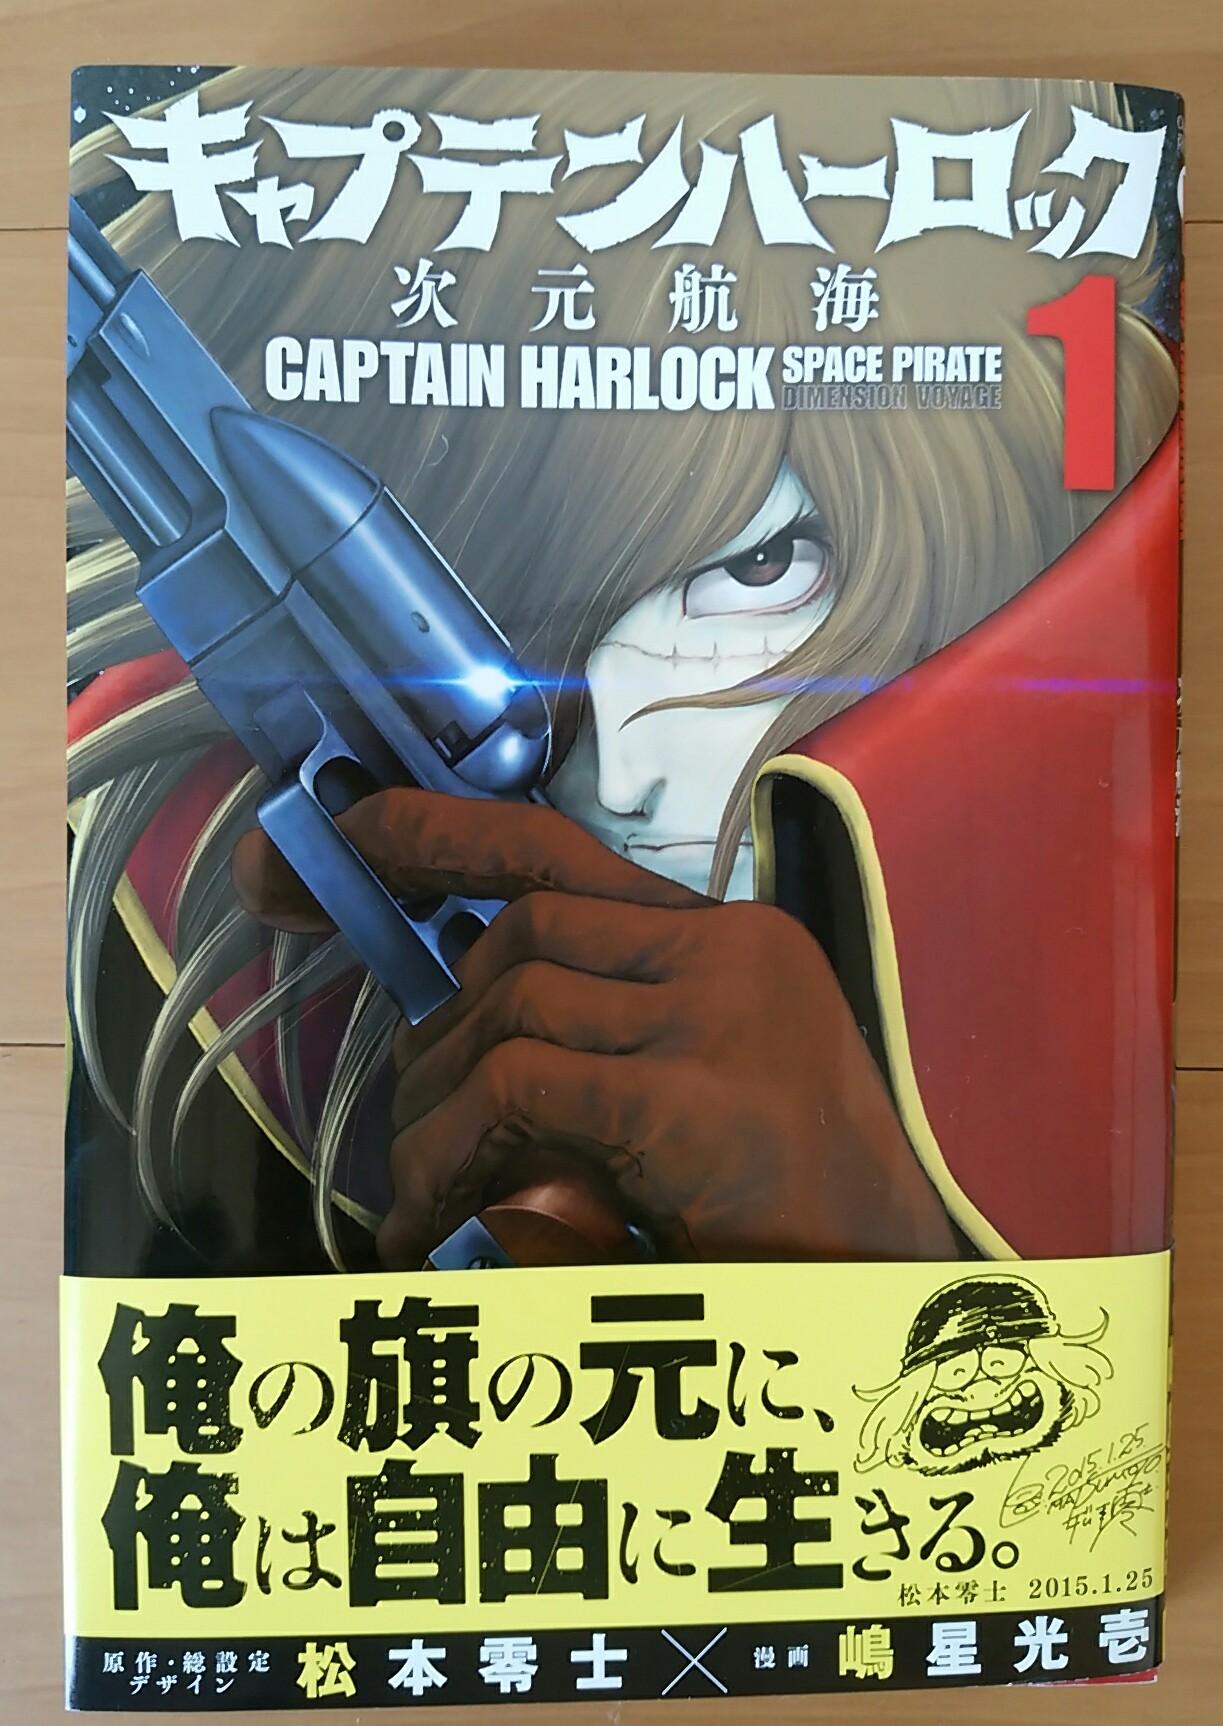 「キャプテンハーロック 次元航海」